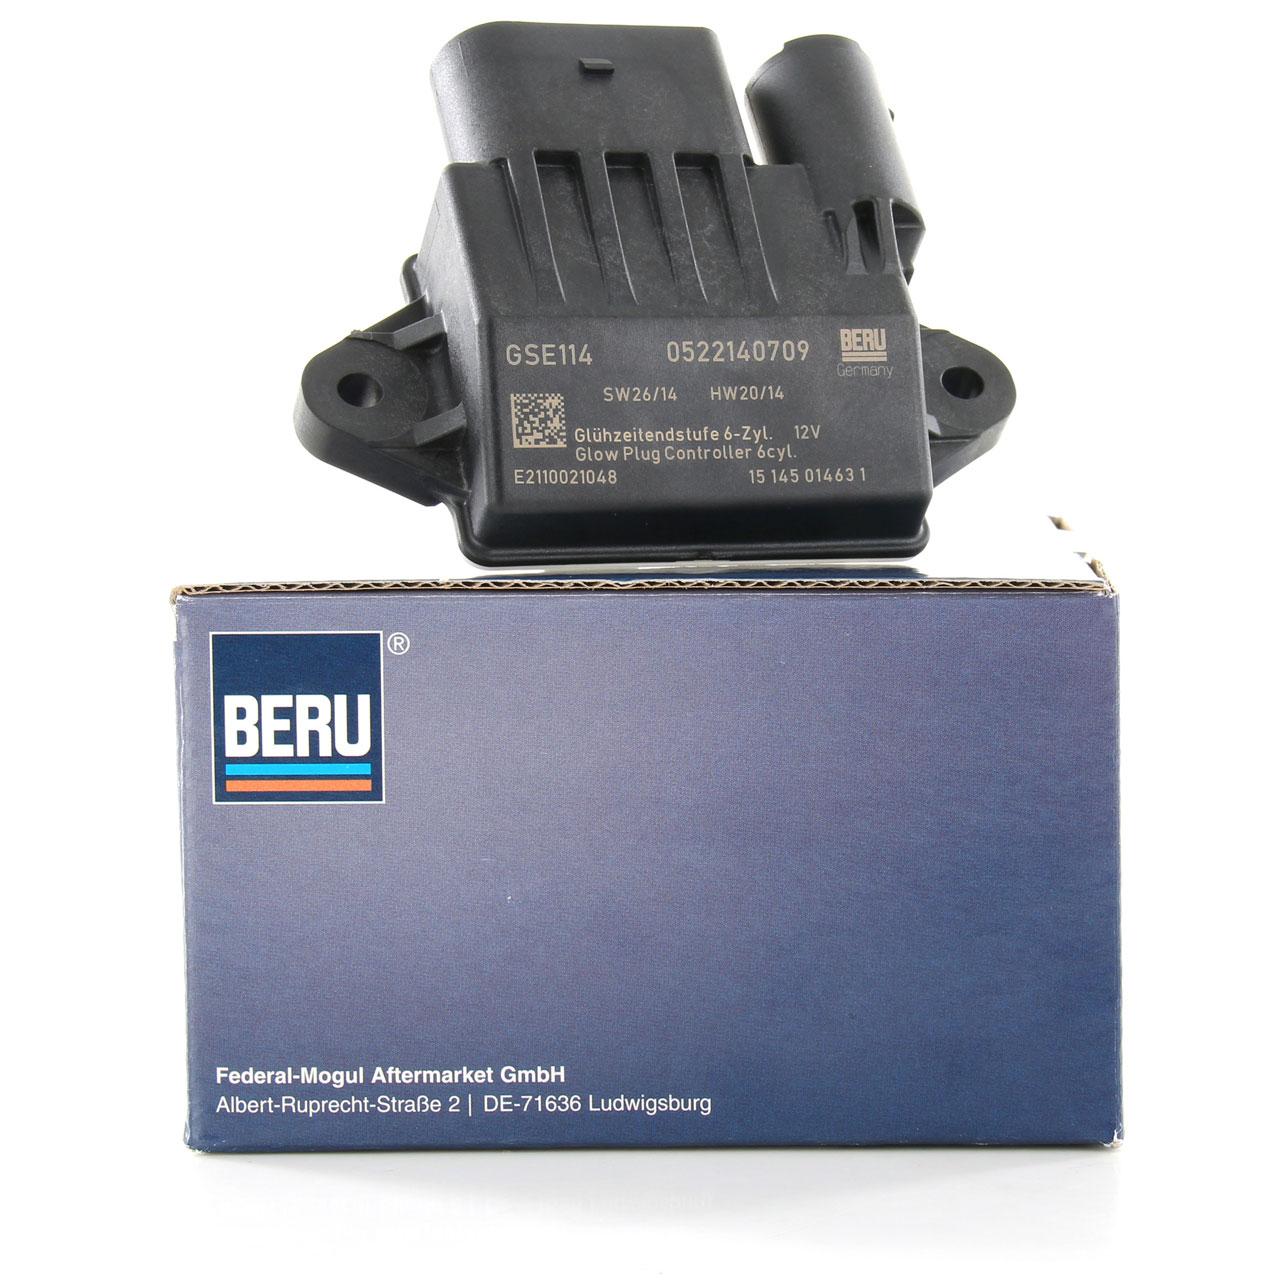 BERU GSE114 Steuergerät Glühzeit Glühkerzen für MERCEDES 3.0L CDI 6429005801